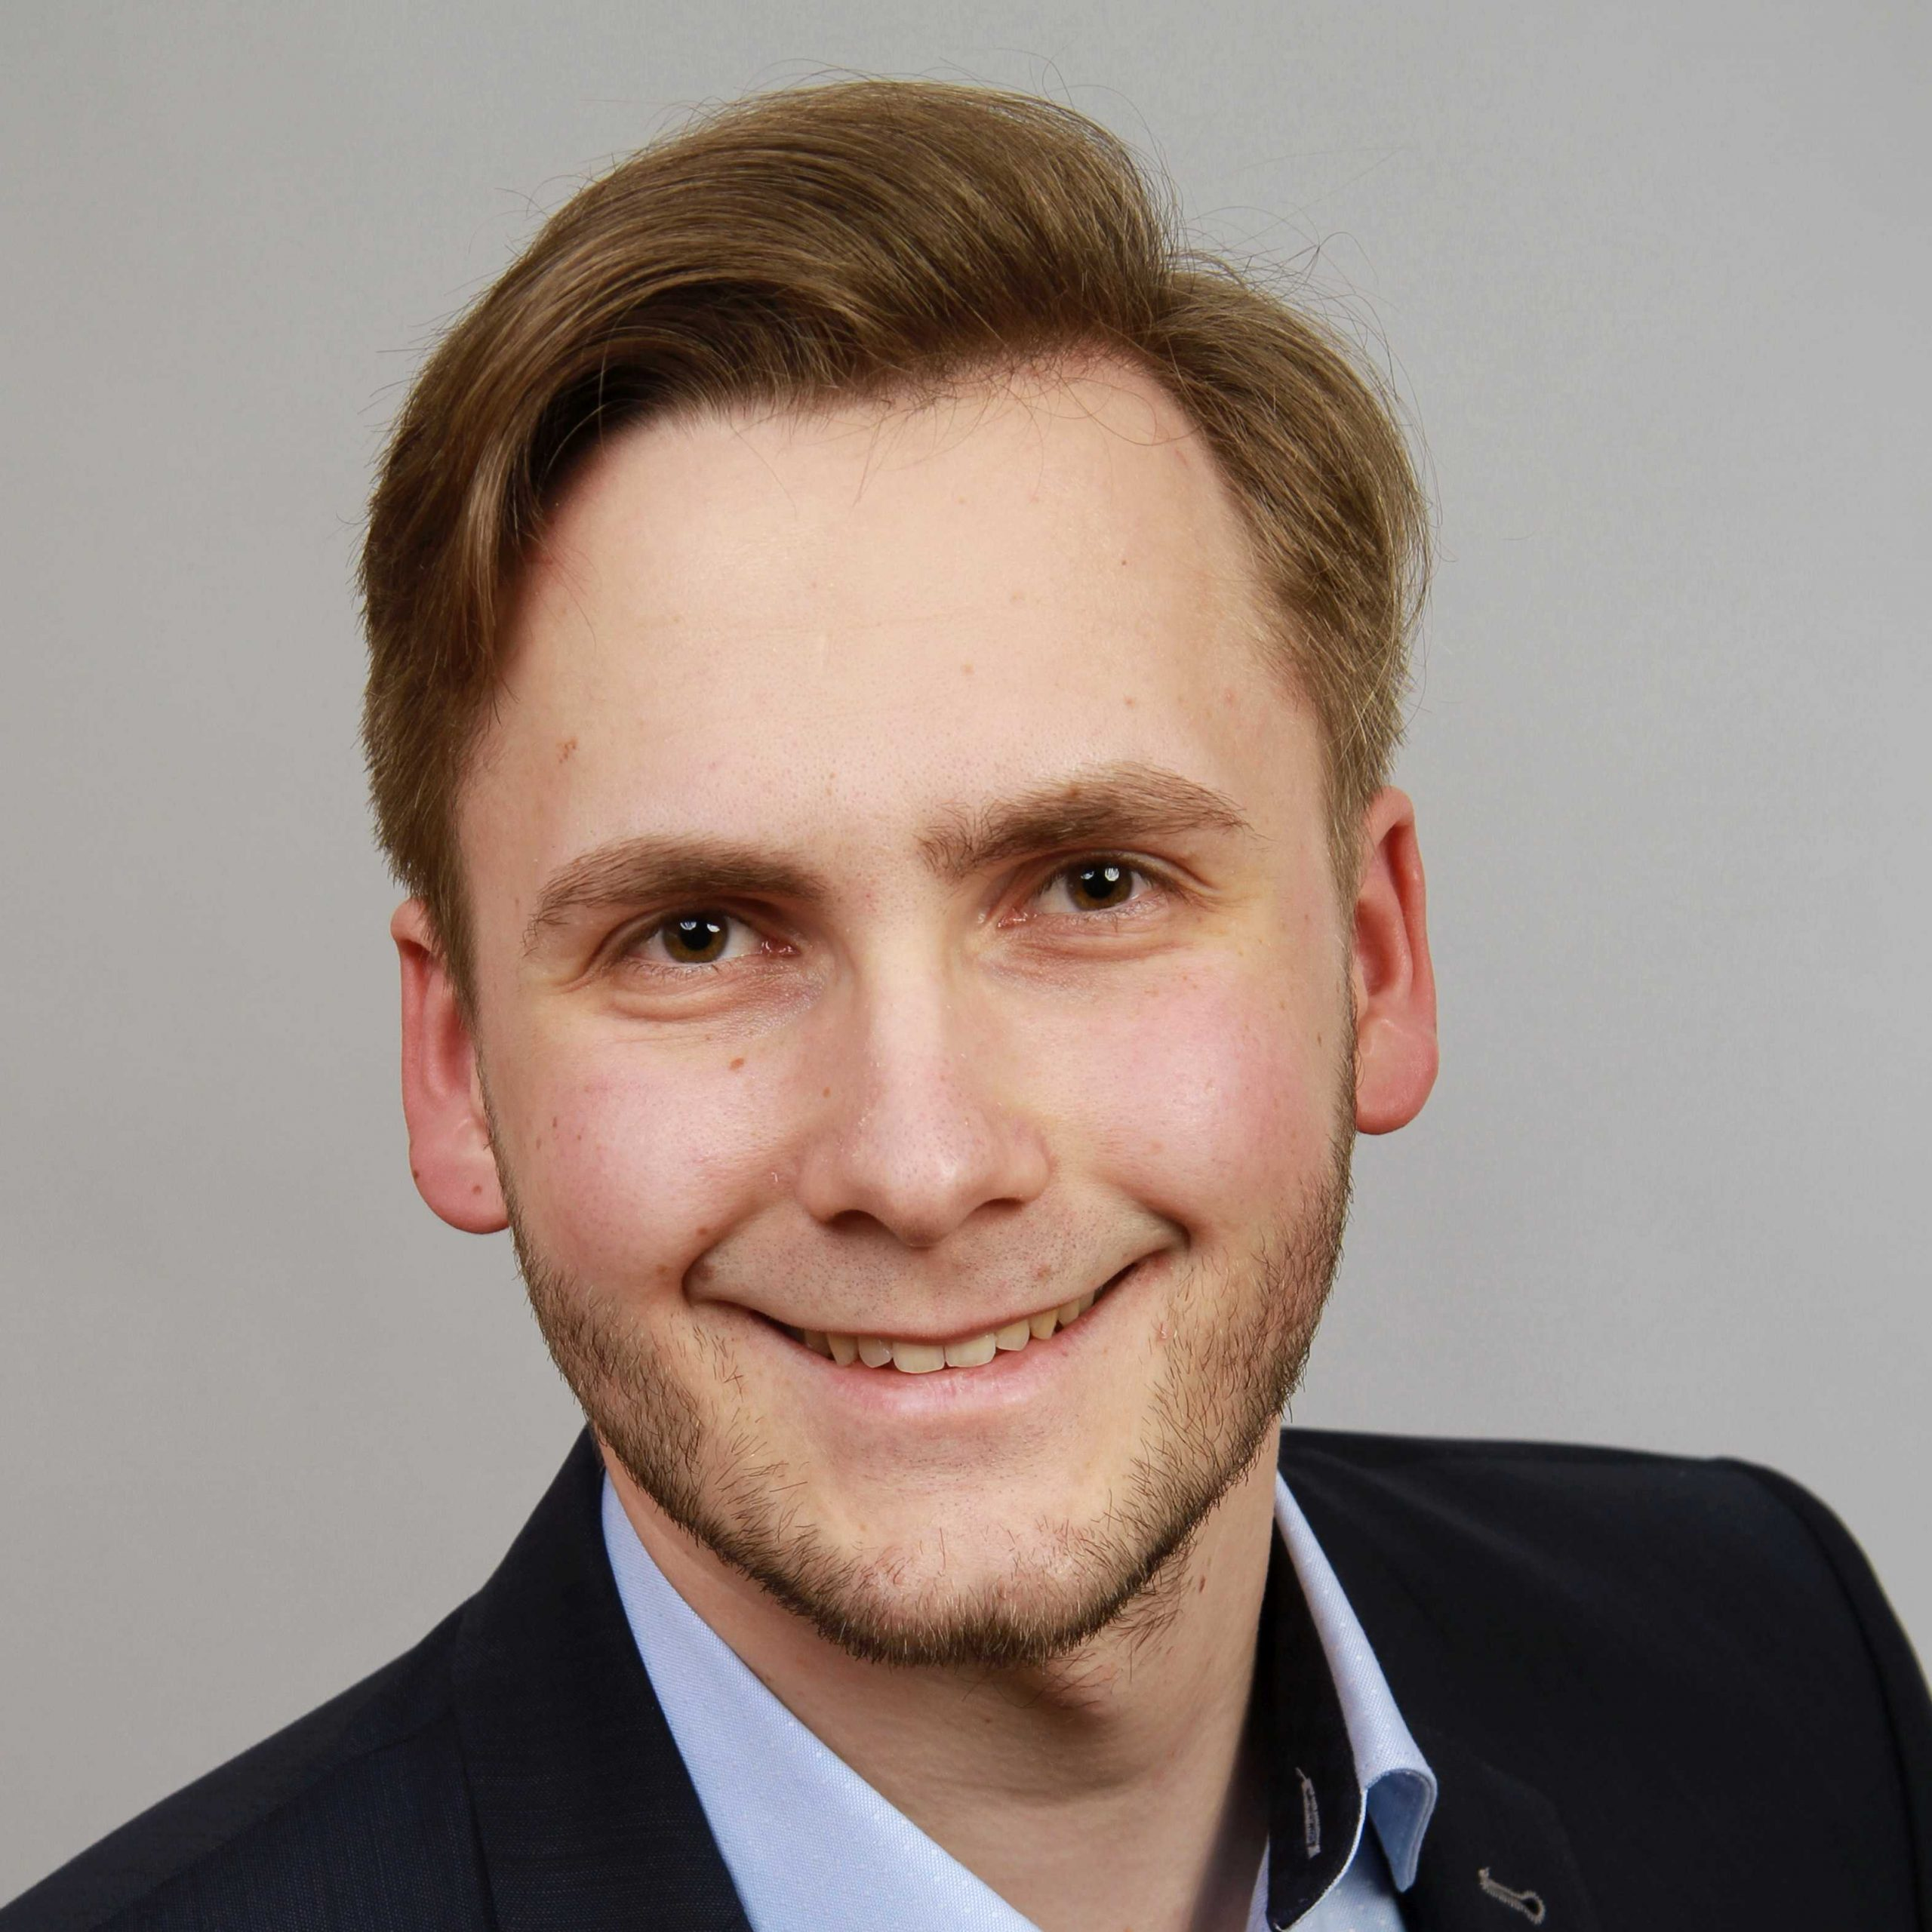 Benedikt Lechtenberg, SPD-Ausschussmitglied